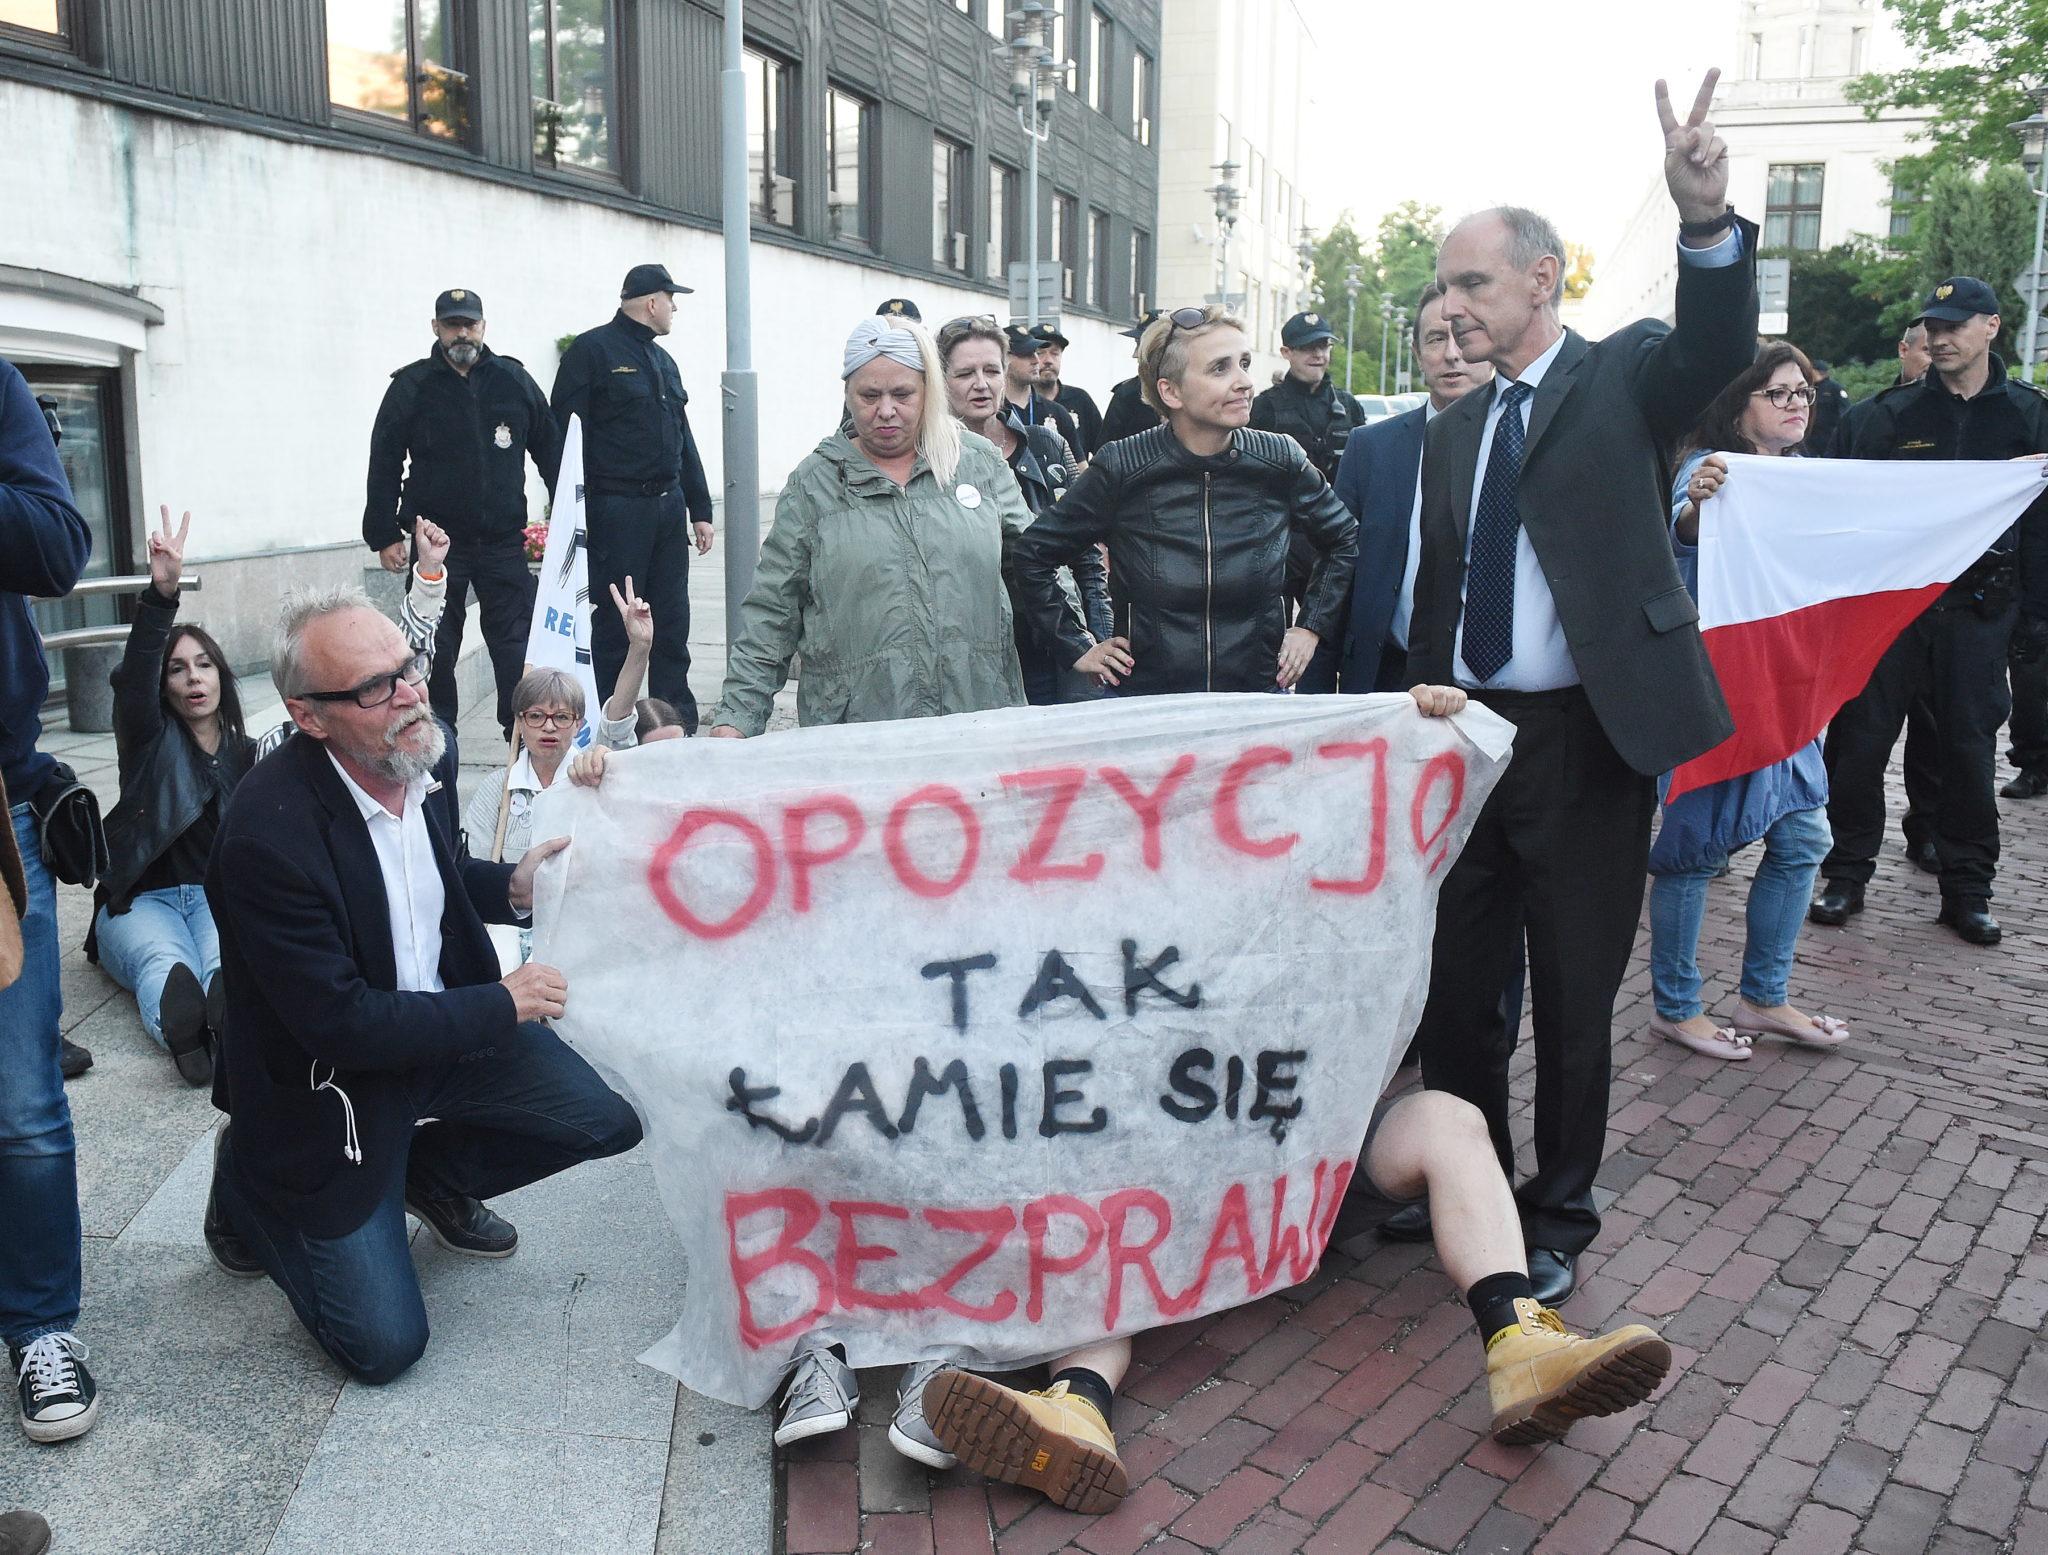 Warszawa, Senator PO Bogdan Klich i posłanka Nowoczesnej Joanna Scheuring-Wielgus z pikietującymi przed Sejmem, protest przeciwko zmianom w sądach PAP/Radek Pietruszka